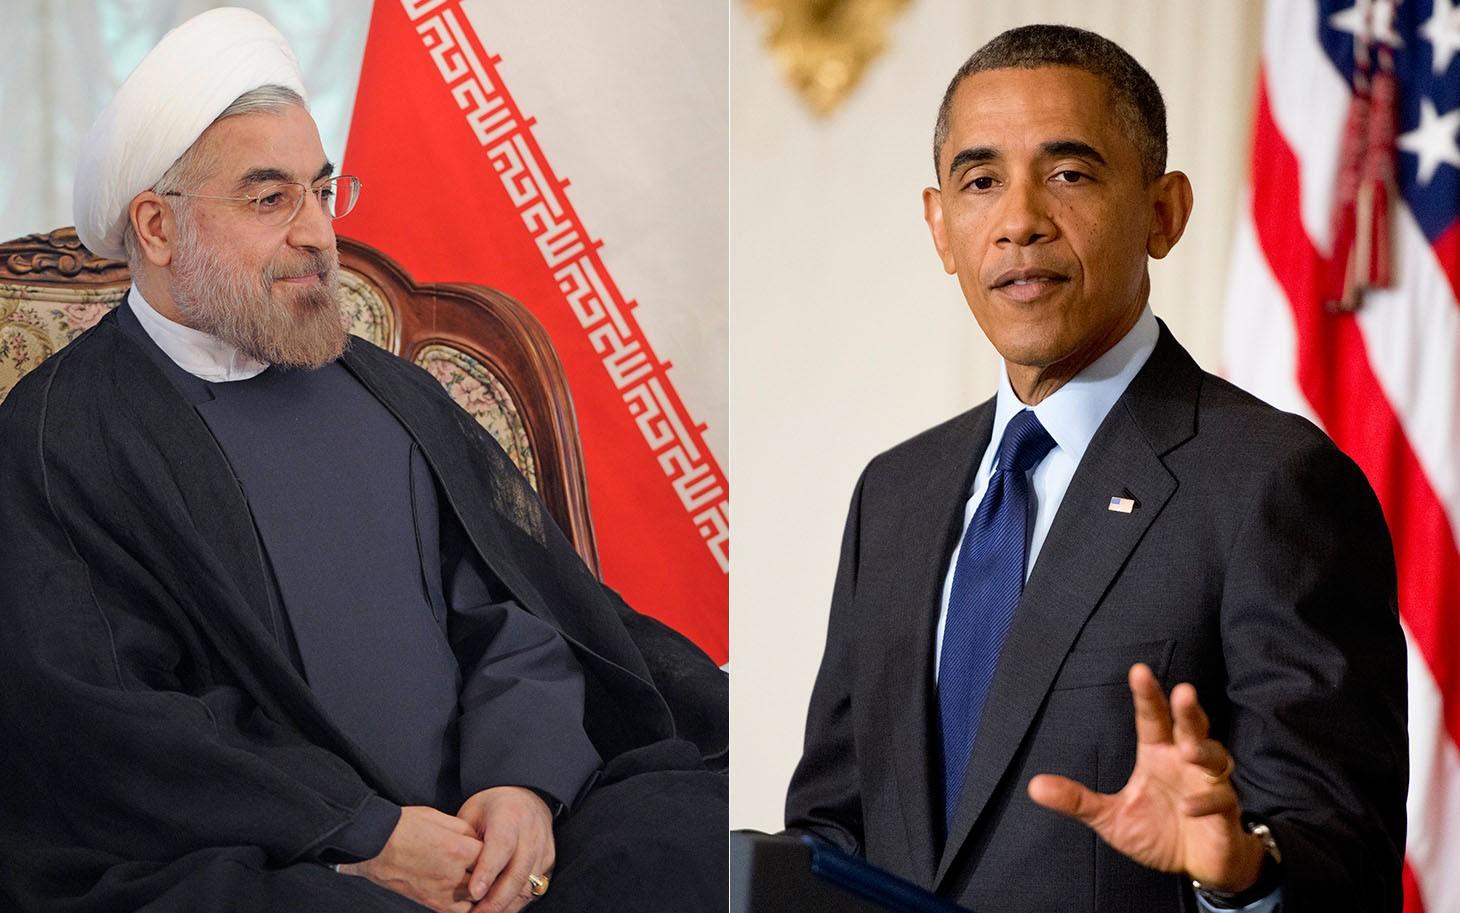 شروع مذاکرات دوجانبه ایران و آمریکا/ آماده شدن حماس برای جنگ با اسرائیل